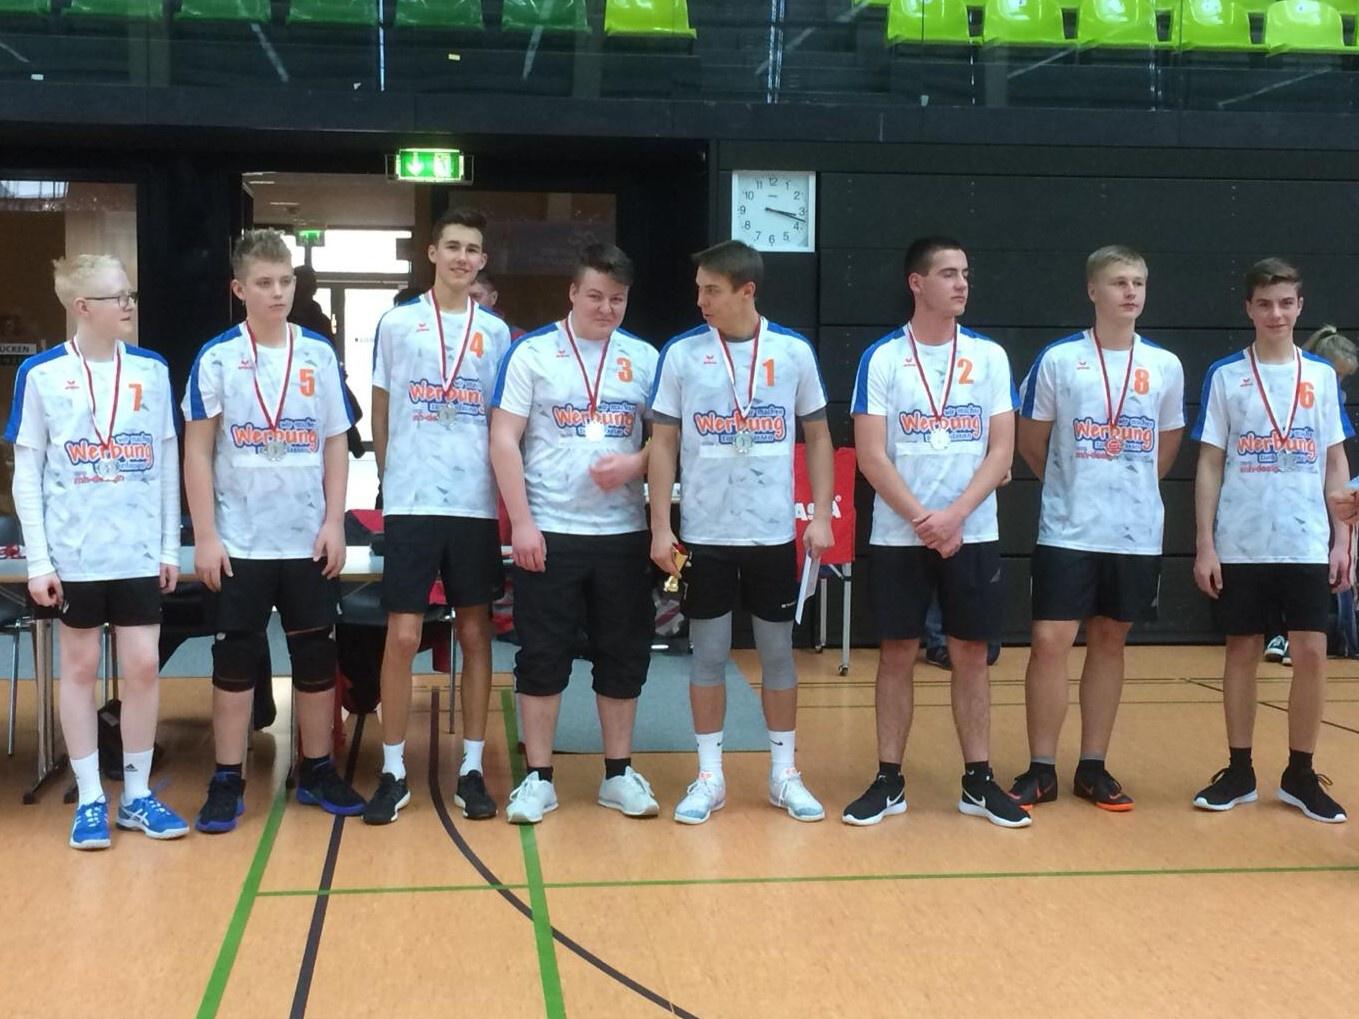 2. Platz im Landesfinale Volleyball der WK 2 am 26.02.2019 in Gera